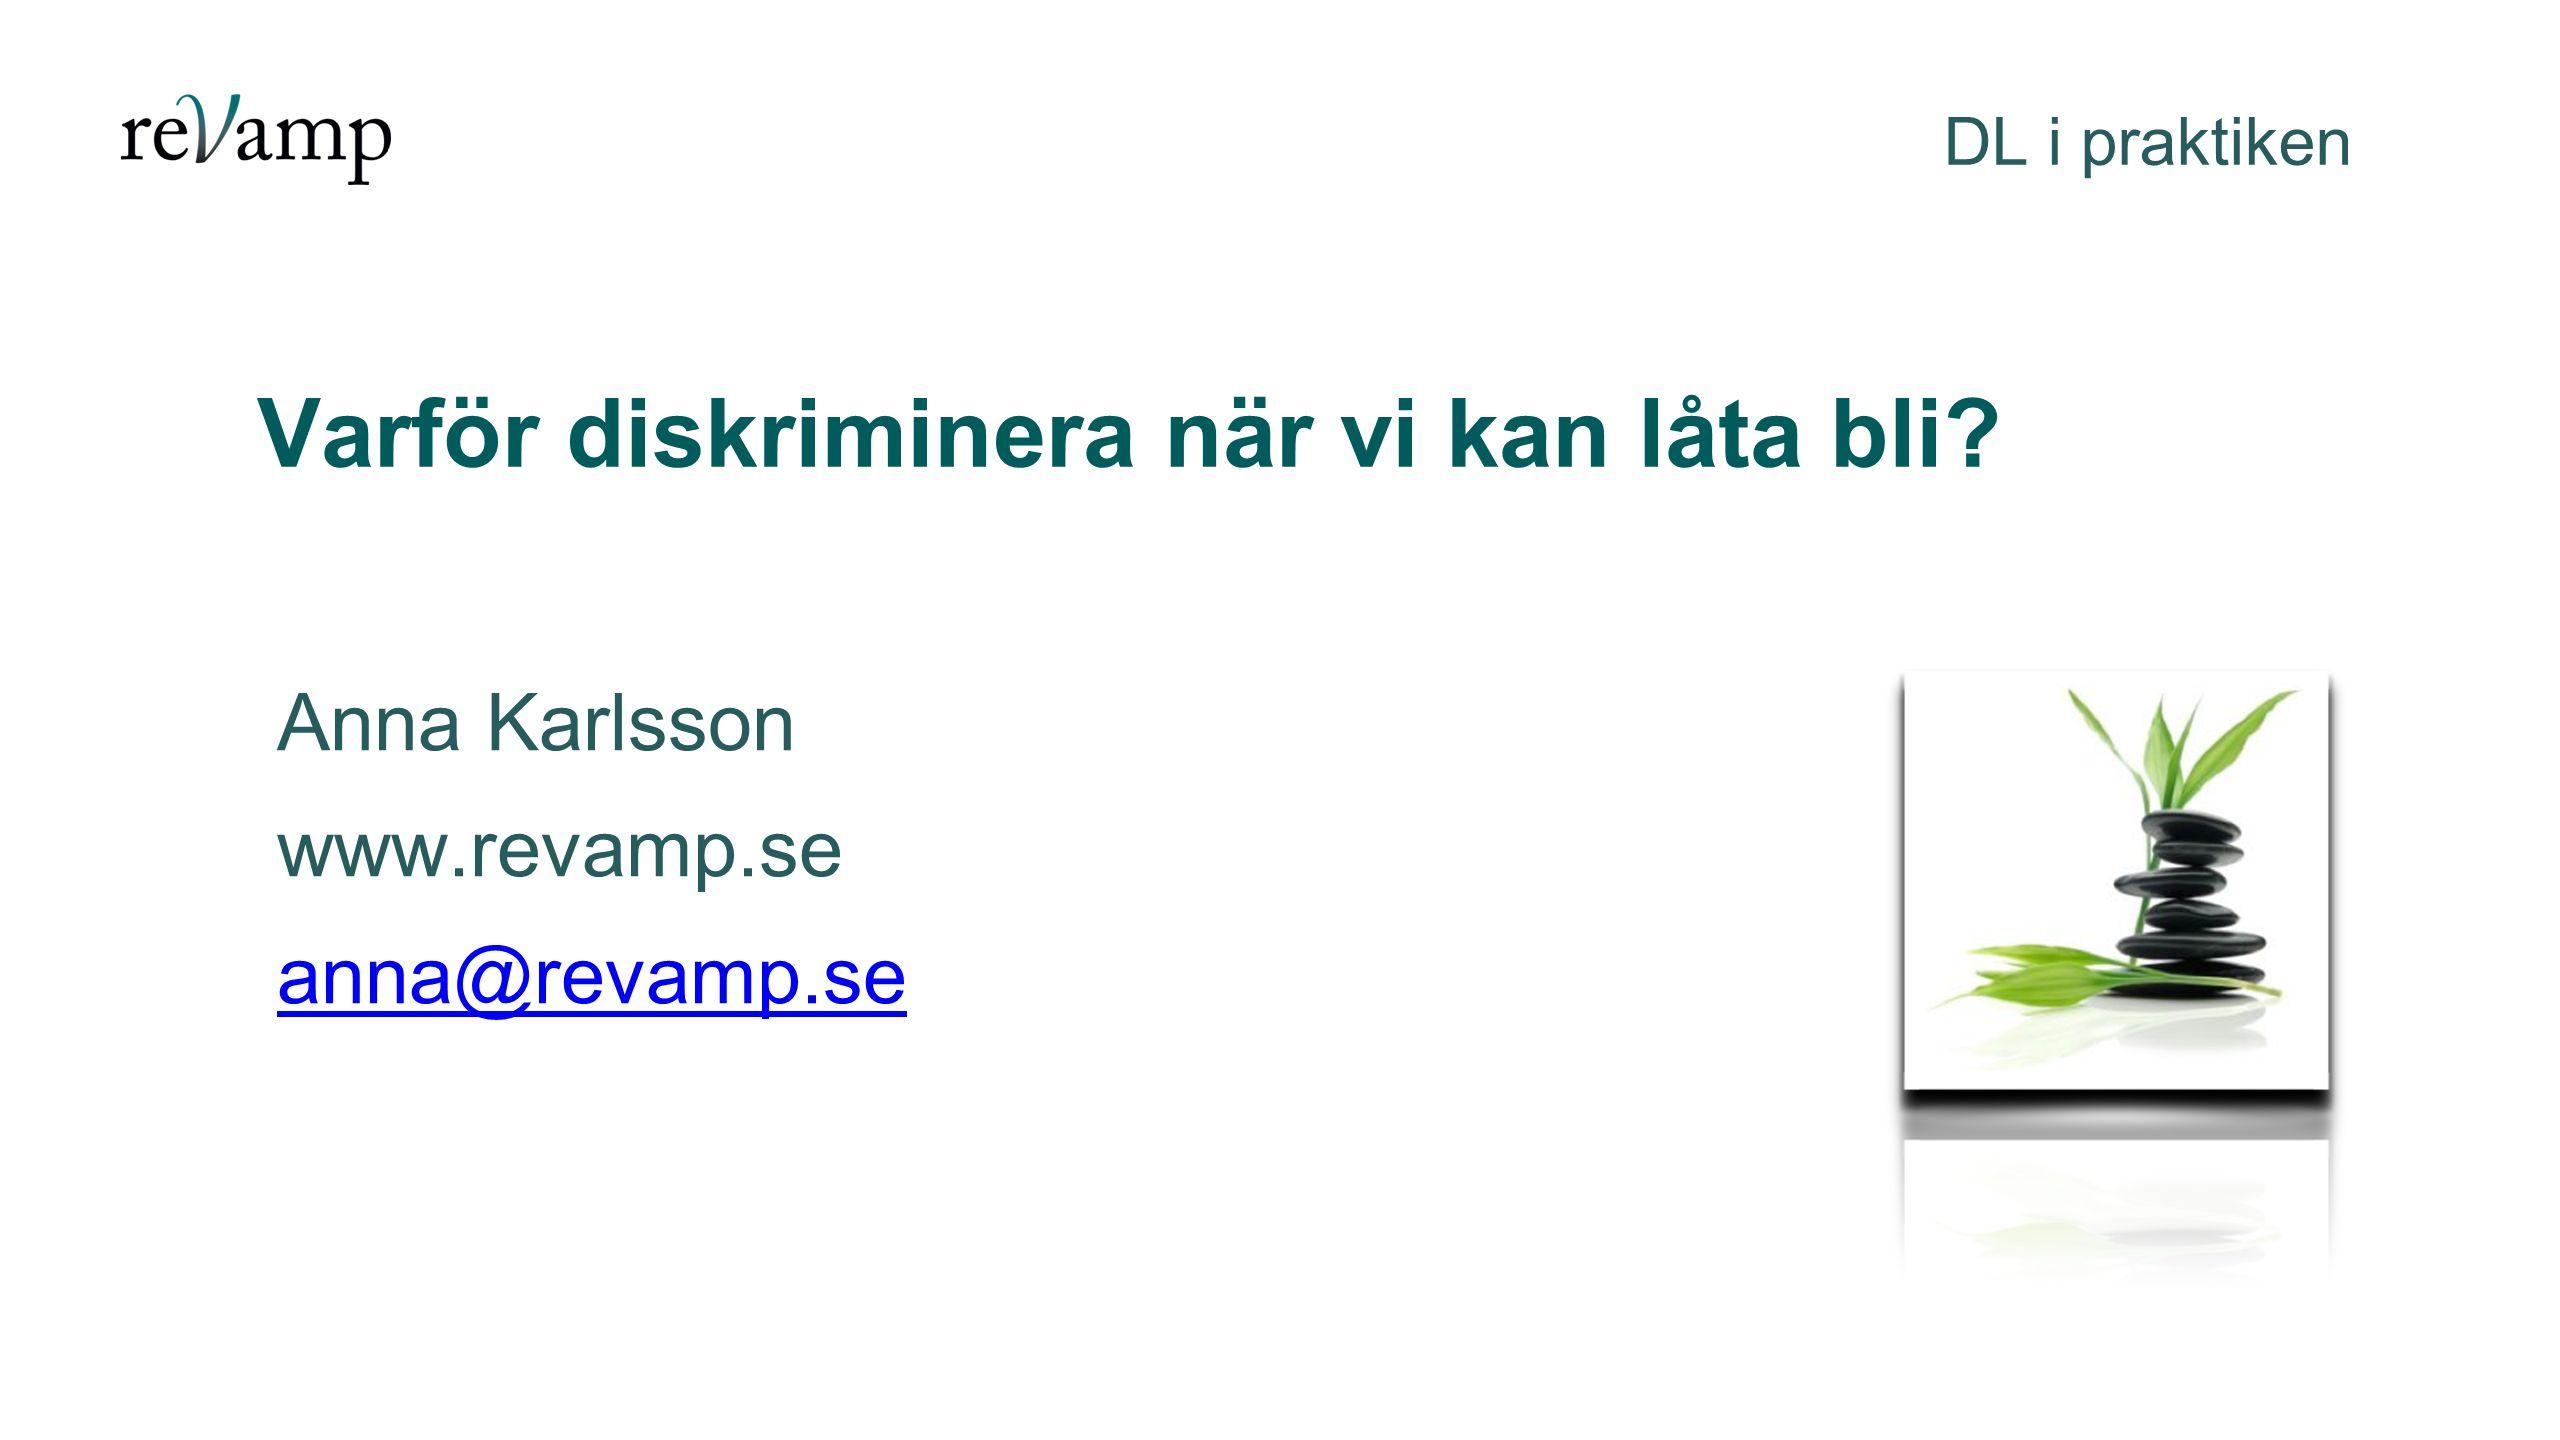 Varför diskriminera när vi kan låta bli DL i praktiken Anna Karlsson www.revamp.se anna@revamp.se